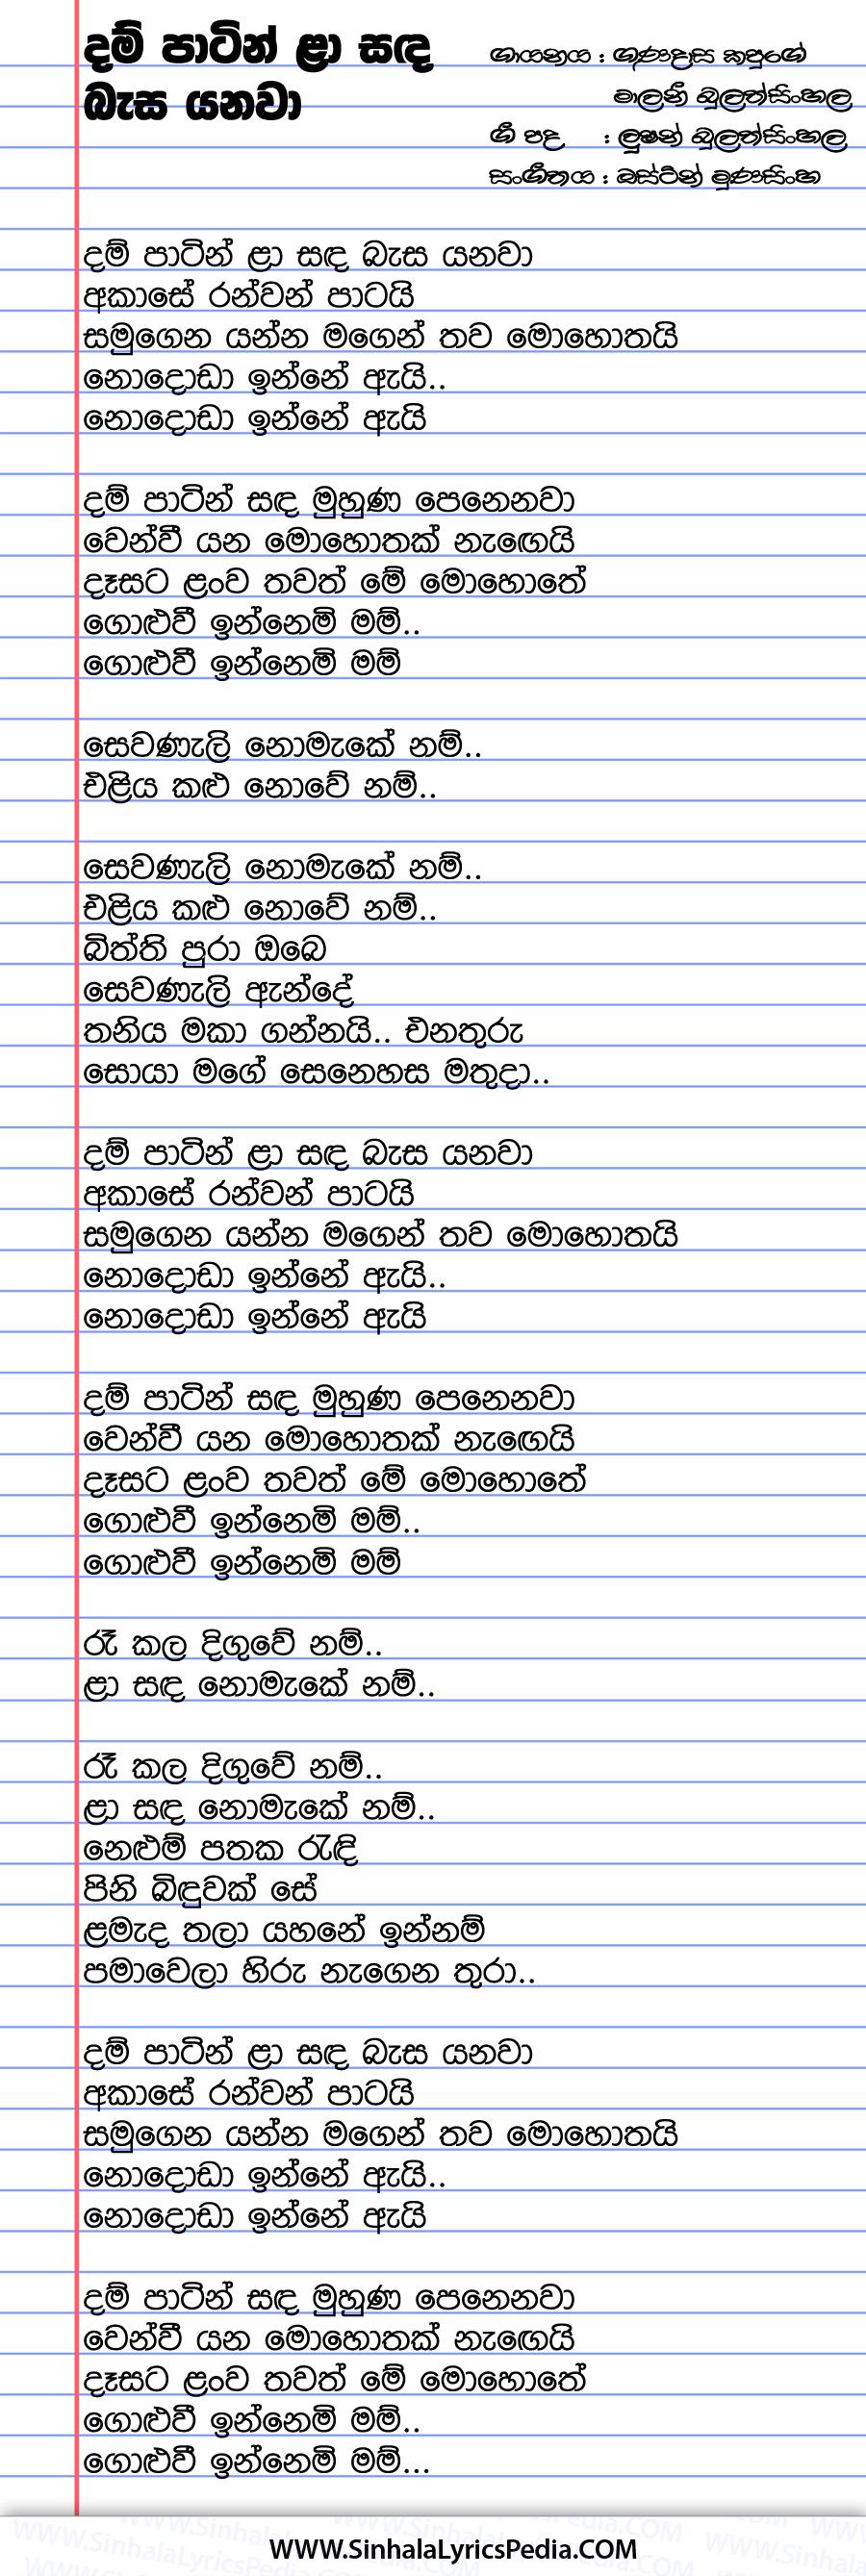 Dam Patin La Sanda Basa Yanawa Song Lyrics